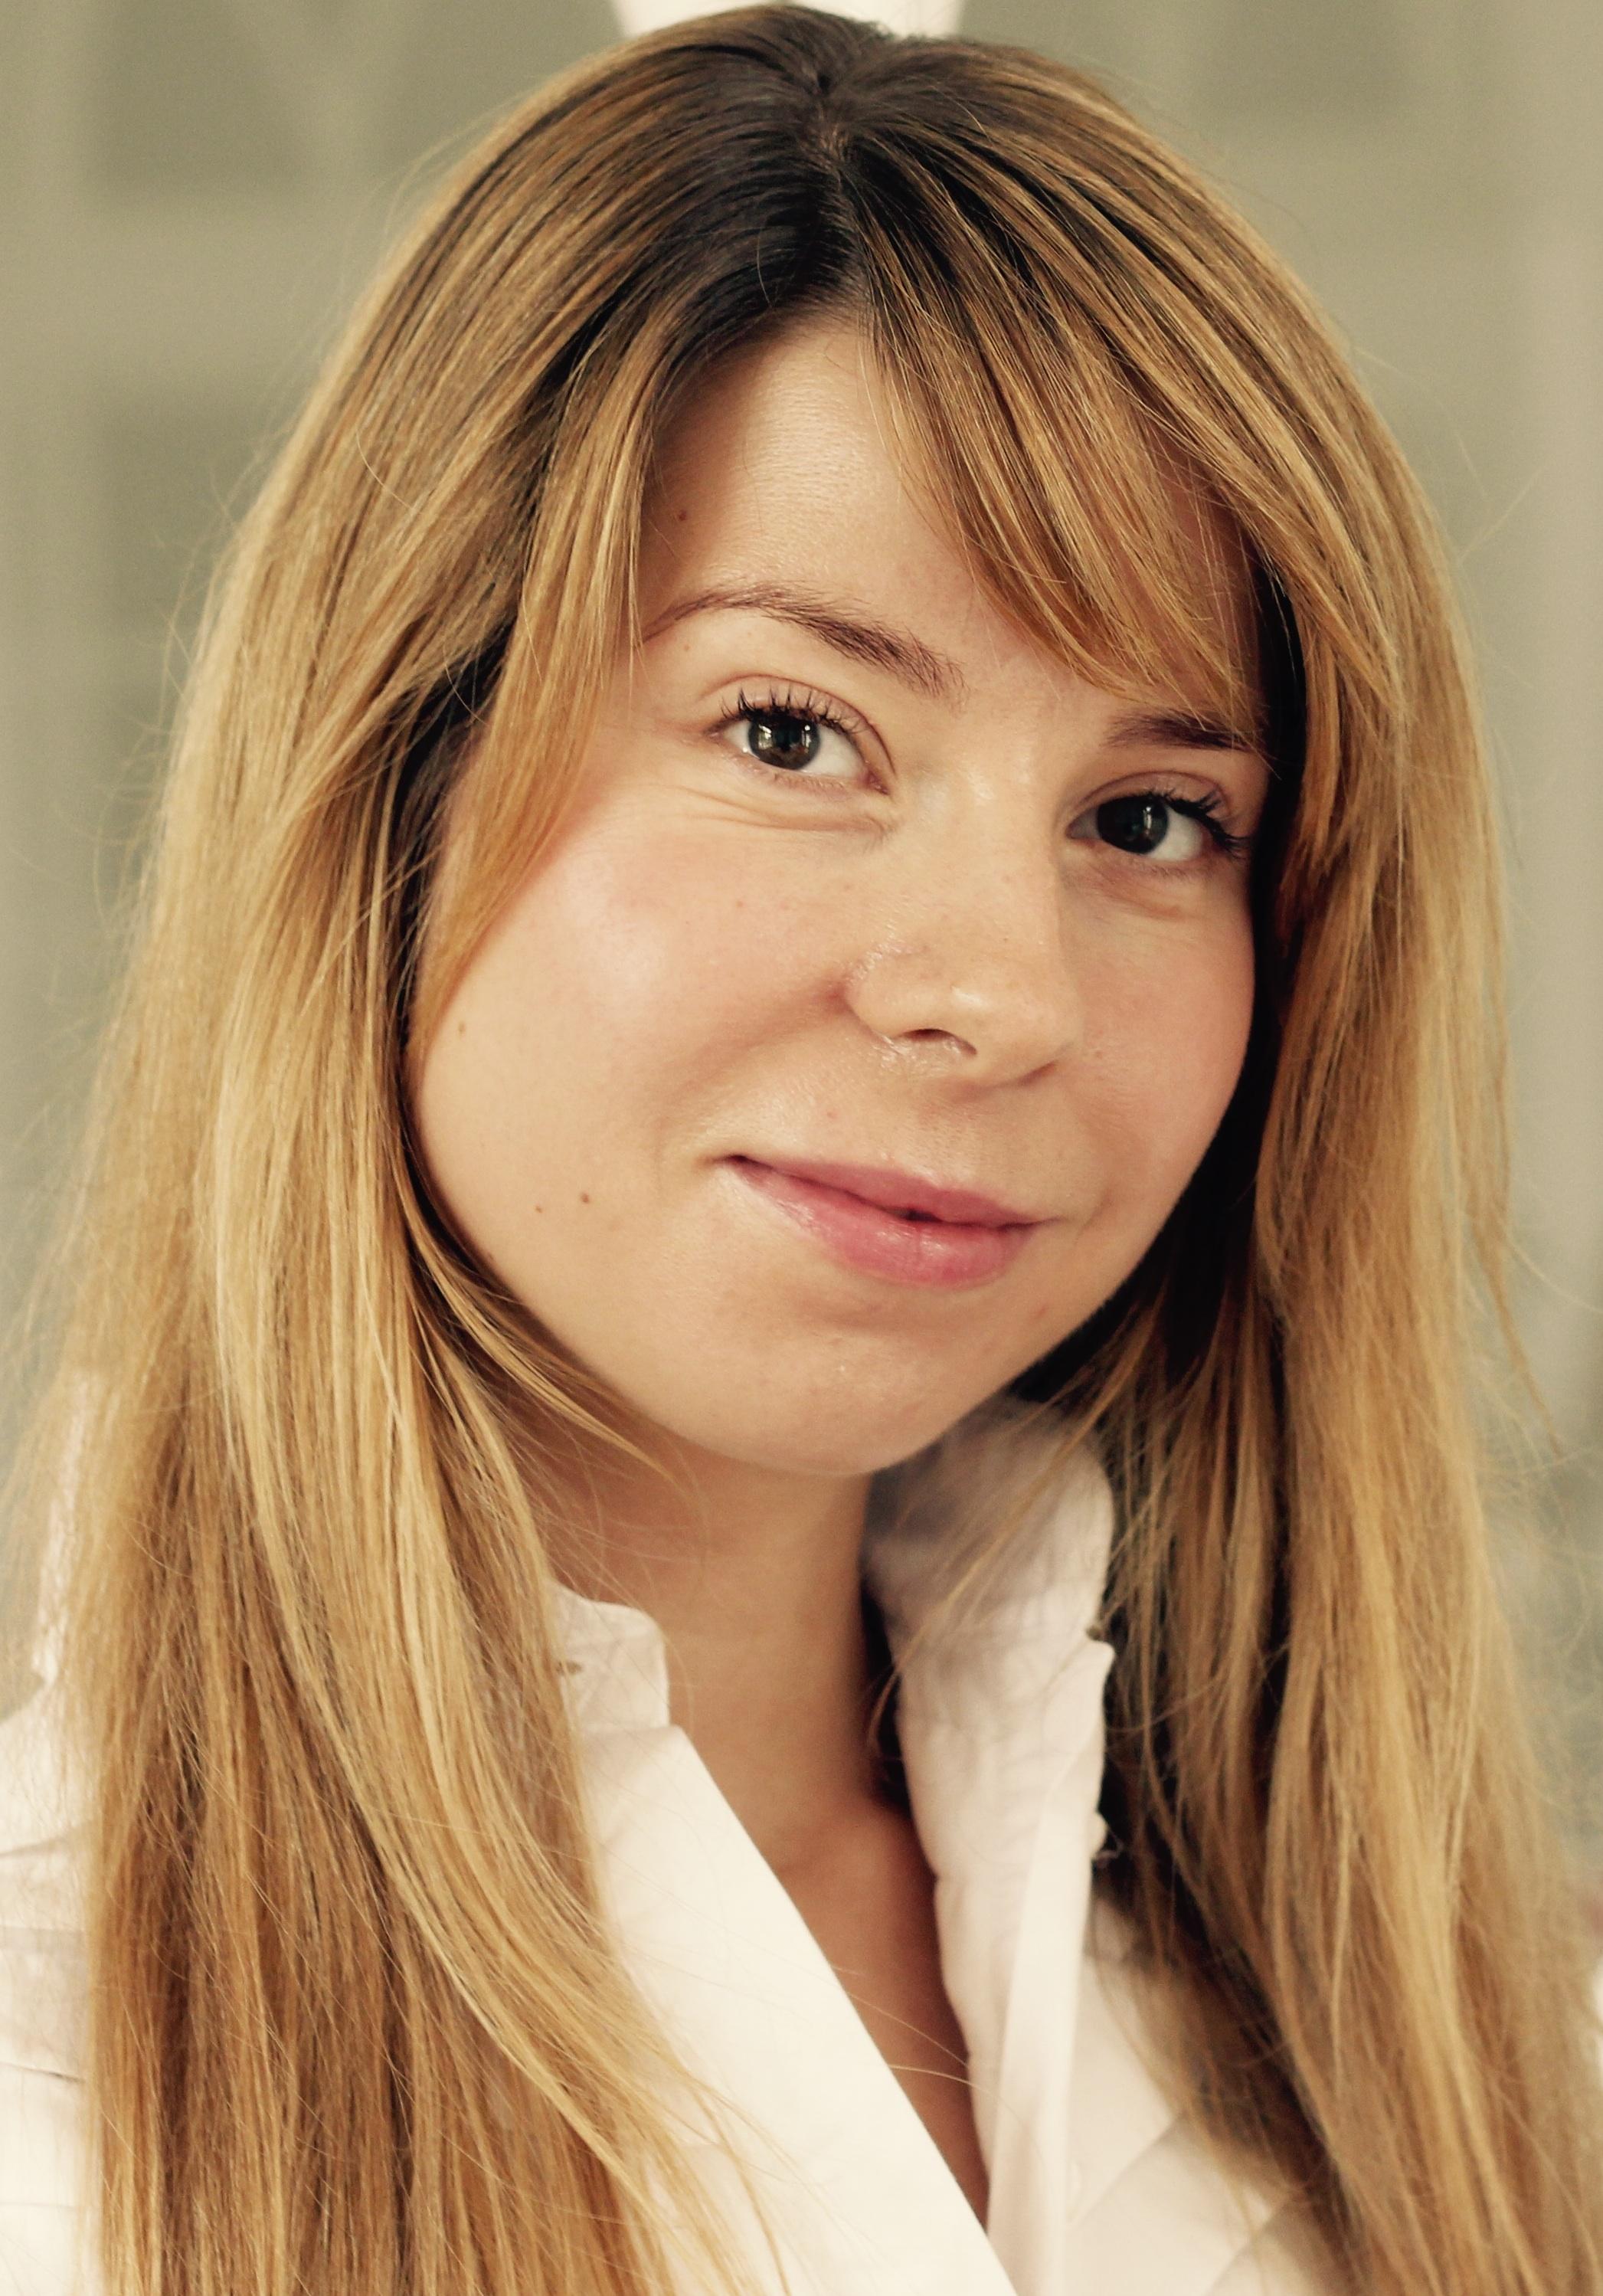 Kathrine Hald